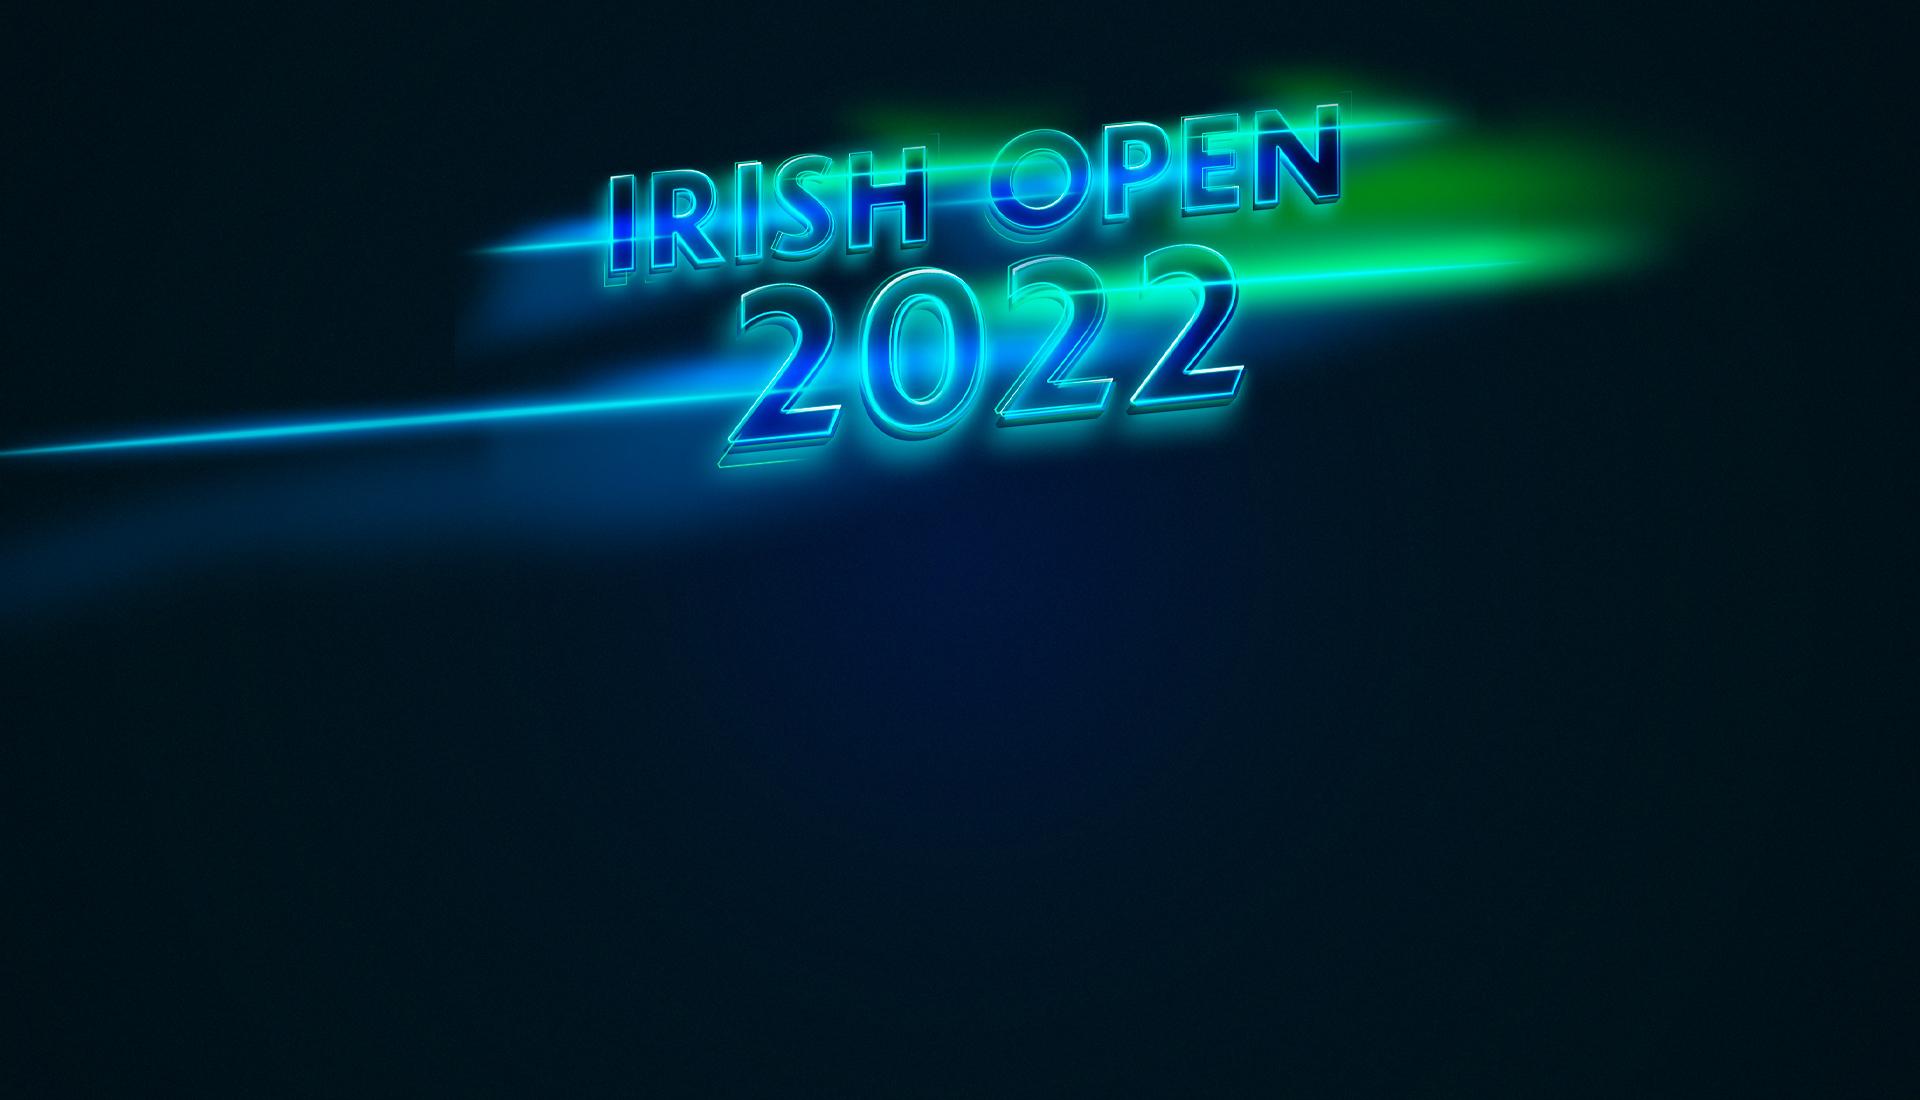 IRISH OPEN 2020